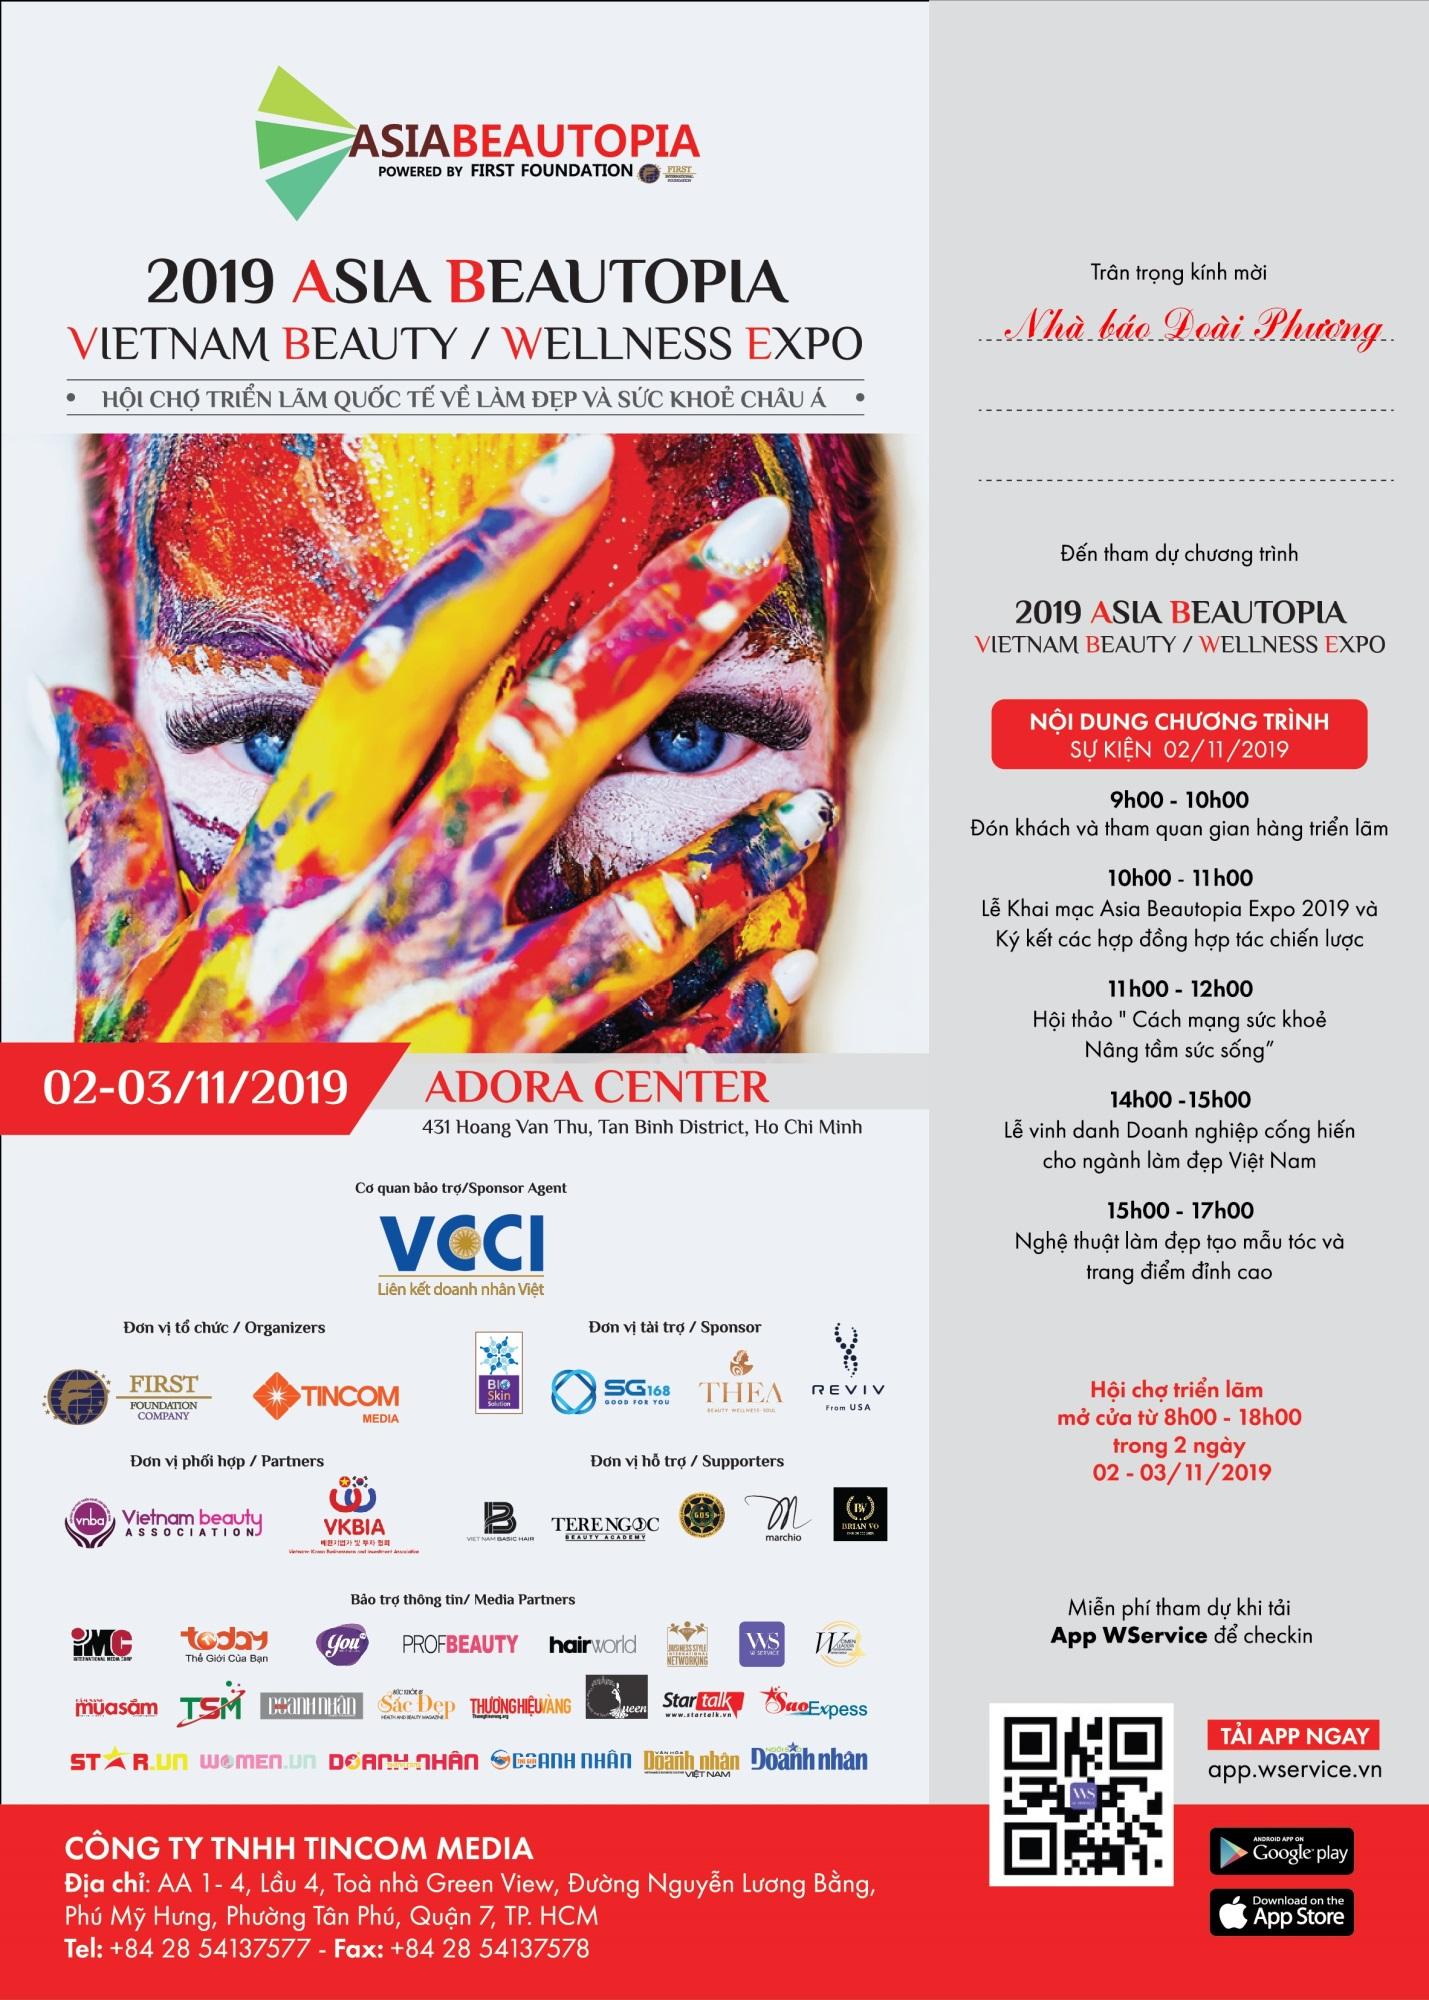 'Hội chợ triển lãm quốc tế về làm đẹp và chăm sóc sức khỏe châu Á – Asia Beautopia Expo 2019' thu hút hàng trăm doanh nghiệp nước ngoài đến Việt Nam - Ảnh 3